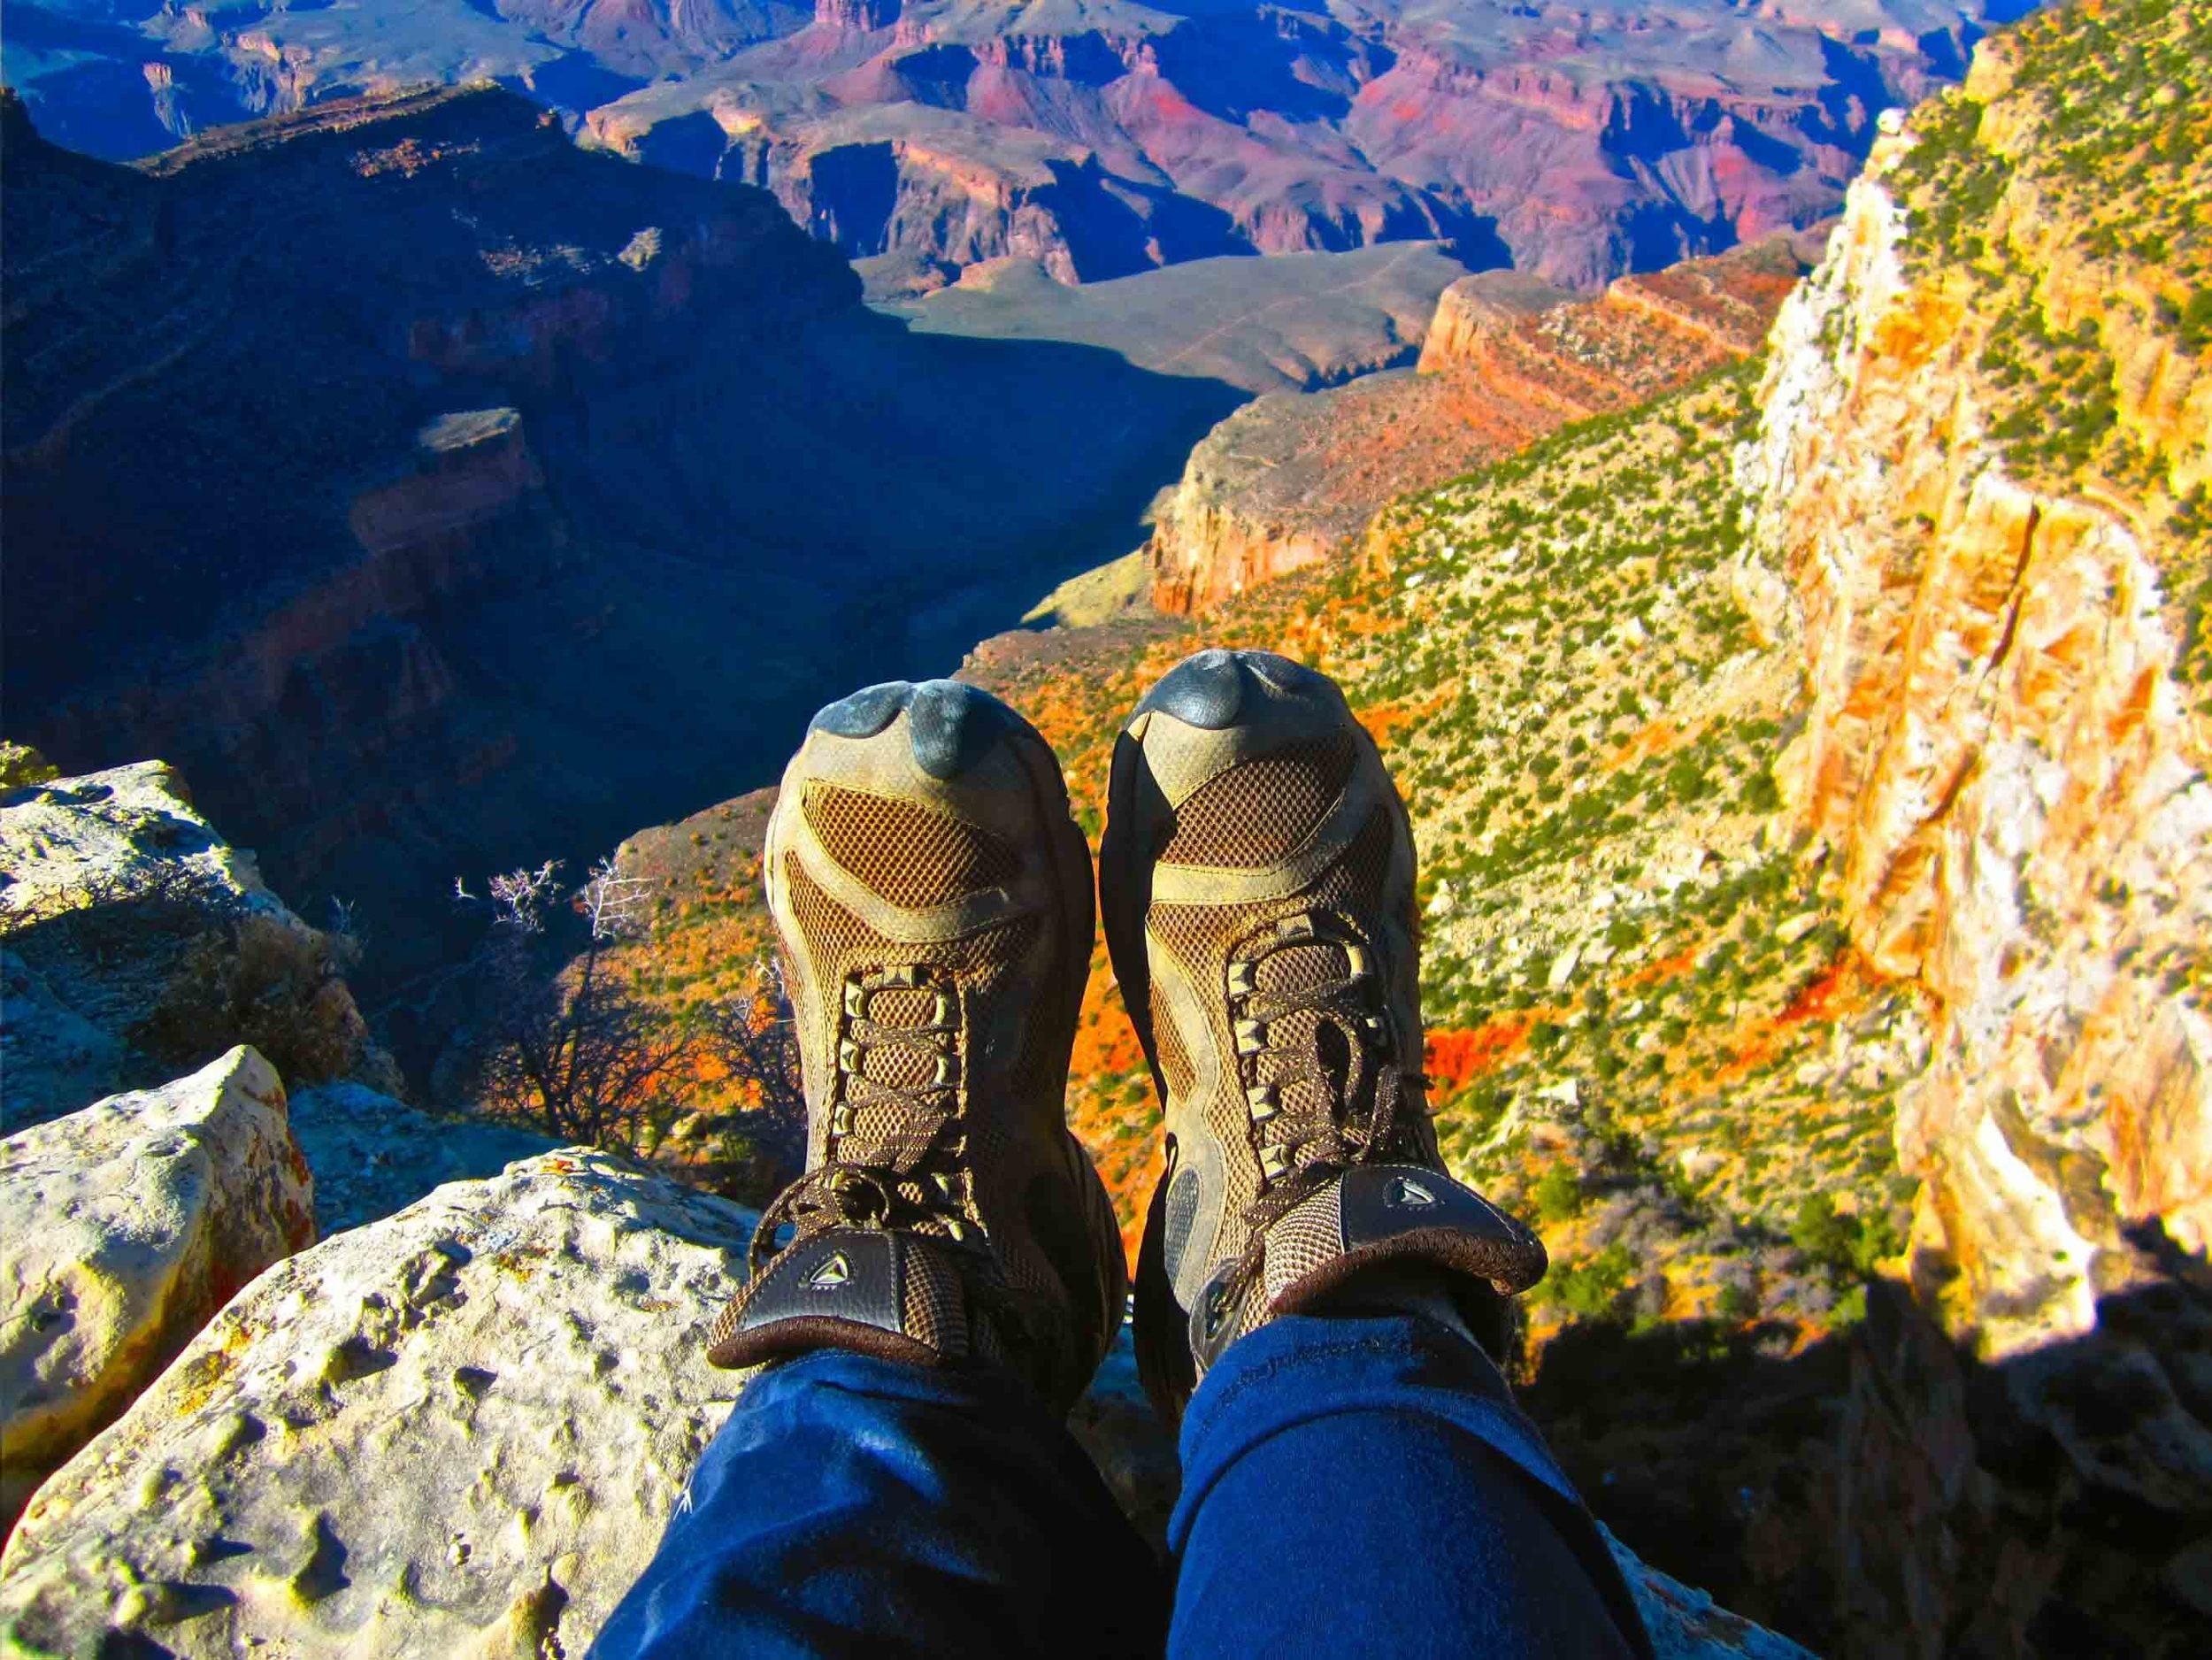 Grand Canyon, April 2012